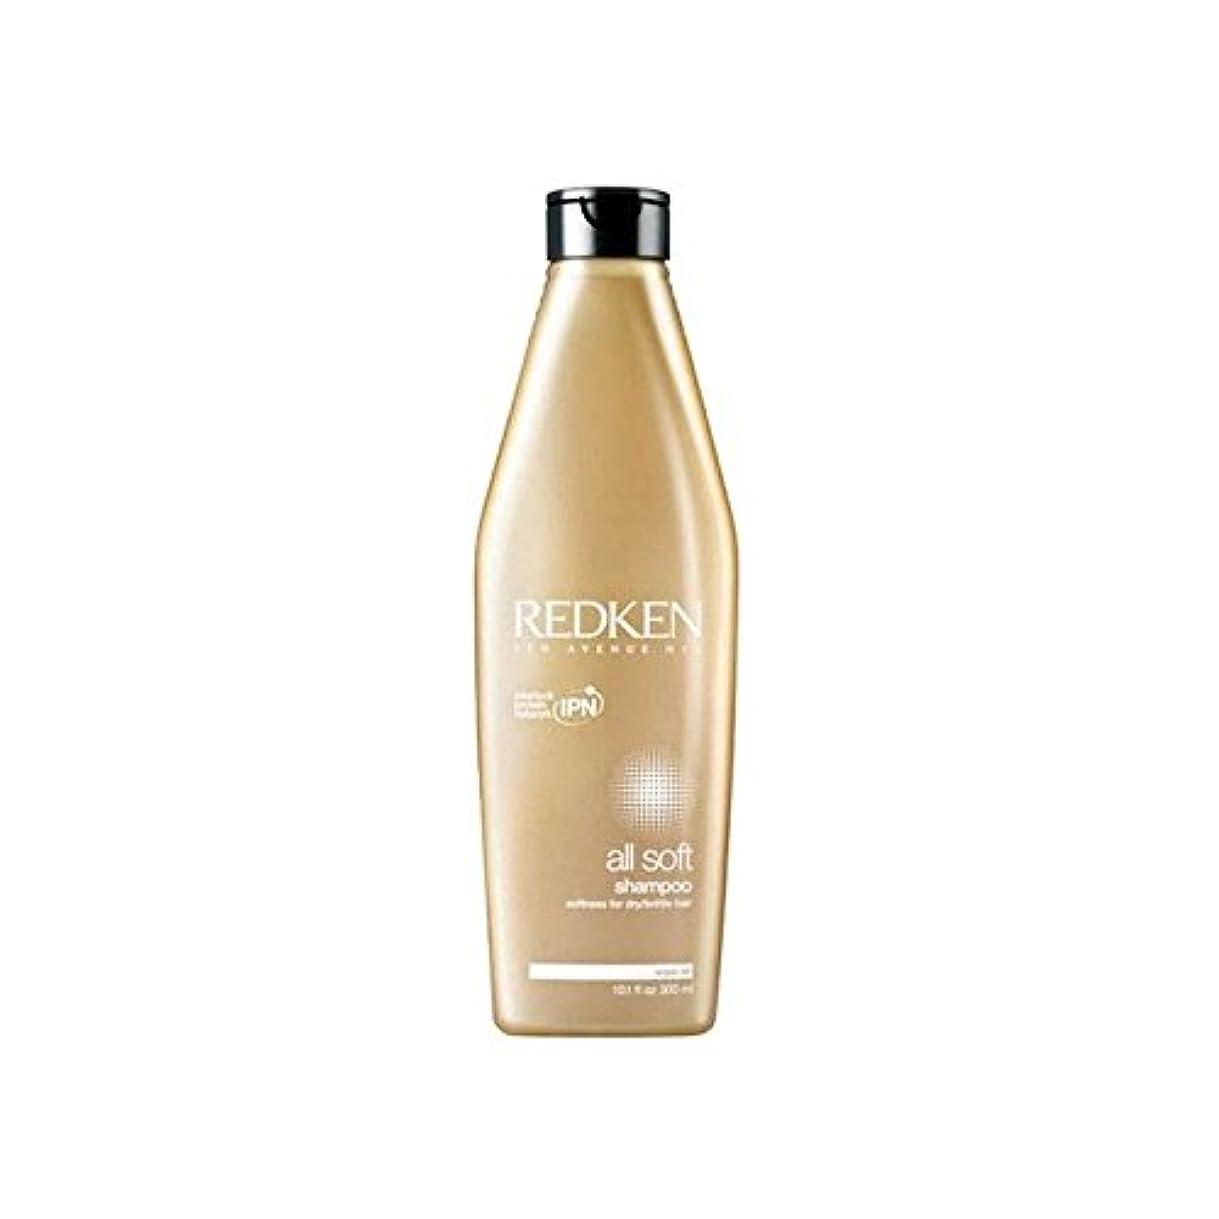 物理学者一回ワイドレッドケンすべてのソフトシャンプー(300ミリリットル) x4 - Redken All Soft Shampoo (300ml) (Pack of 4) [並行輸入品]